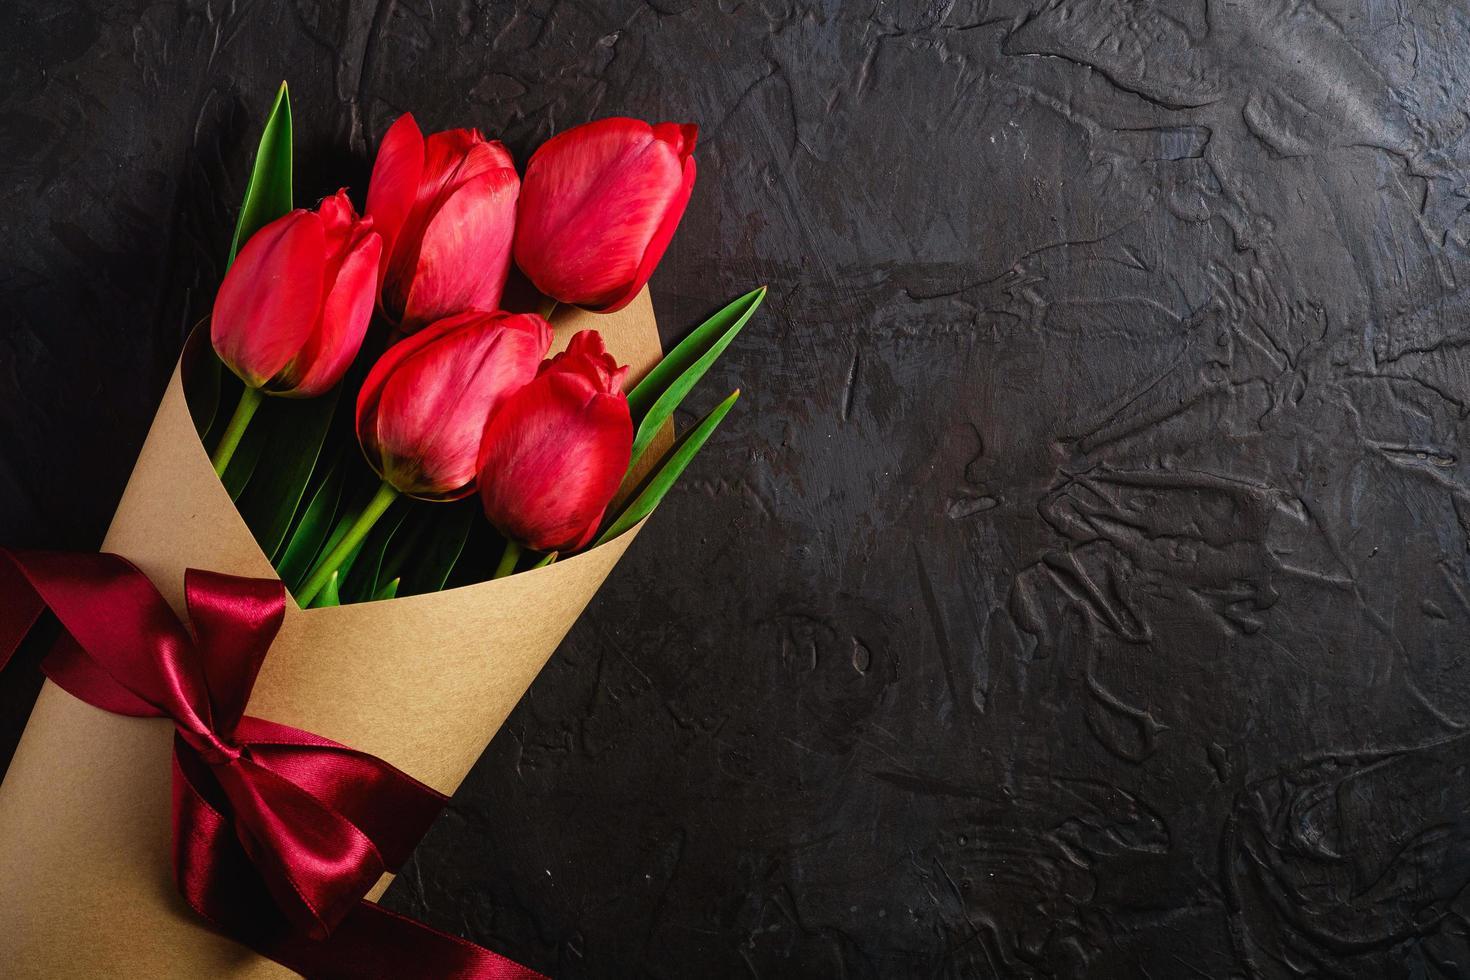 bouquet de tulipes rouges sur fond noir texturé photo